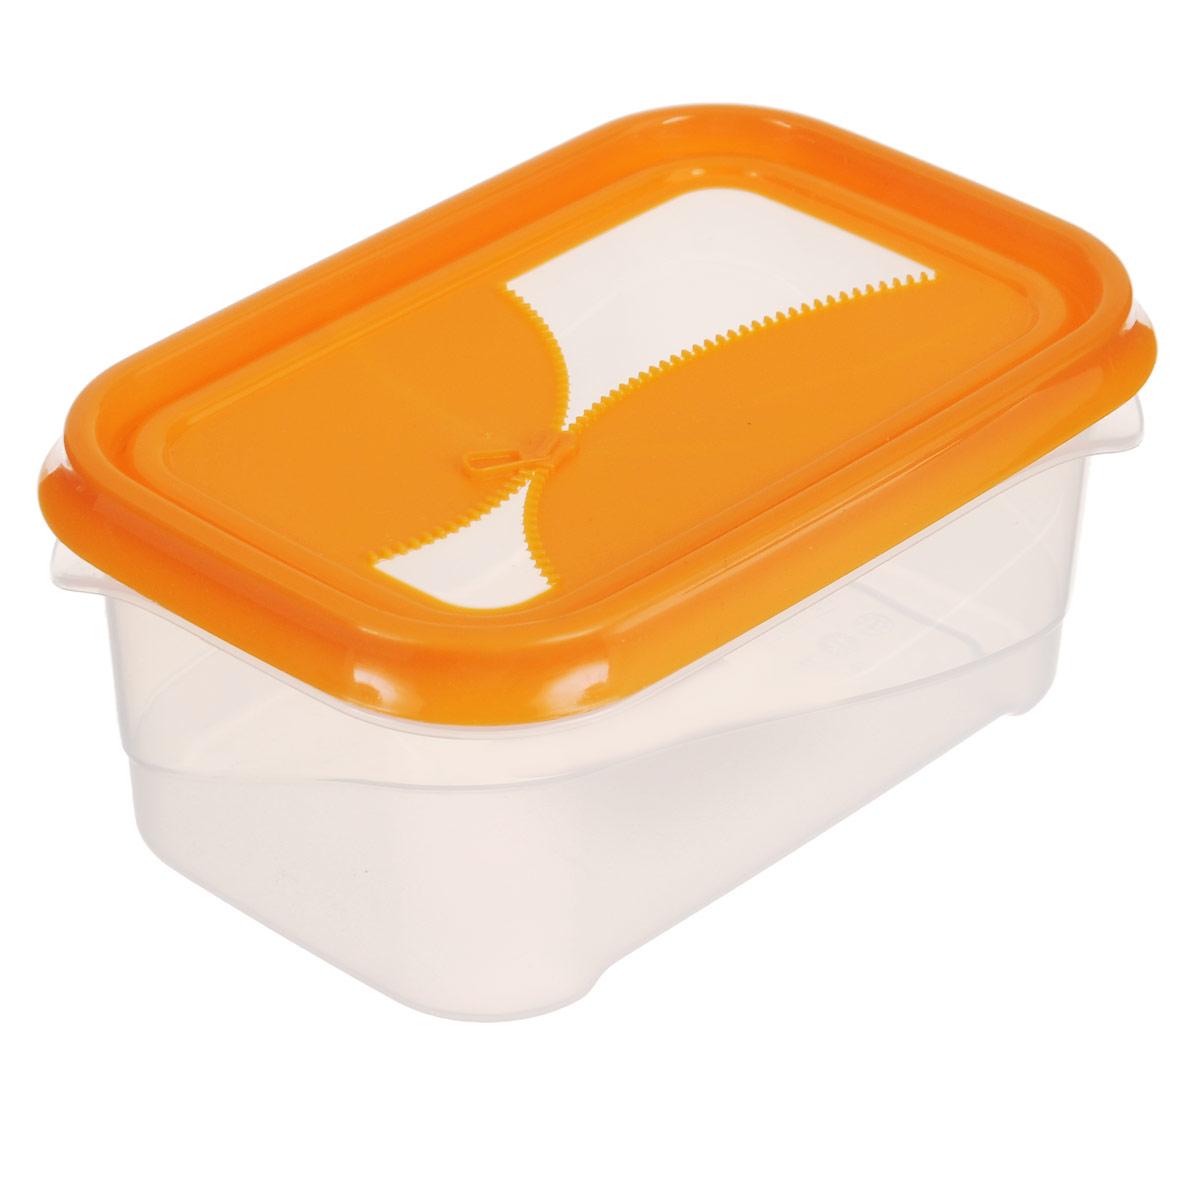 Контейнер для холодильника и СВЧ Phibo Ziplook, цвет: прозрачный, оранжевый, 700 мл54 009305Контейнер для холодильника и СВЧ Phibo Ziplook изготовлен из высококачественного прочного пластика, устойчивого к высоким температурам. Яркая цветная крышка, украшенная рельефом в виде молнии, плотно закрывается, дольше сохраняя продукты свежими и вкусными. Контейнер идеально подходит для хранения пищи, его удобно брать с собой на работу, учебу, пикник или просто использовать для хранения пищи в холодильнике.Подходит для использования в микроволновой печи (без крышки). Можно мыть в посудомоечной машине.